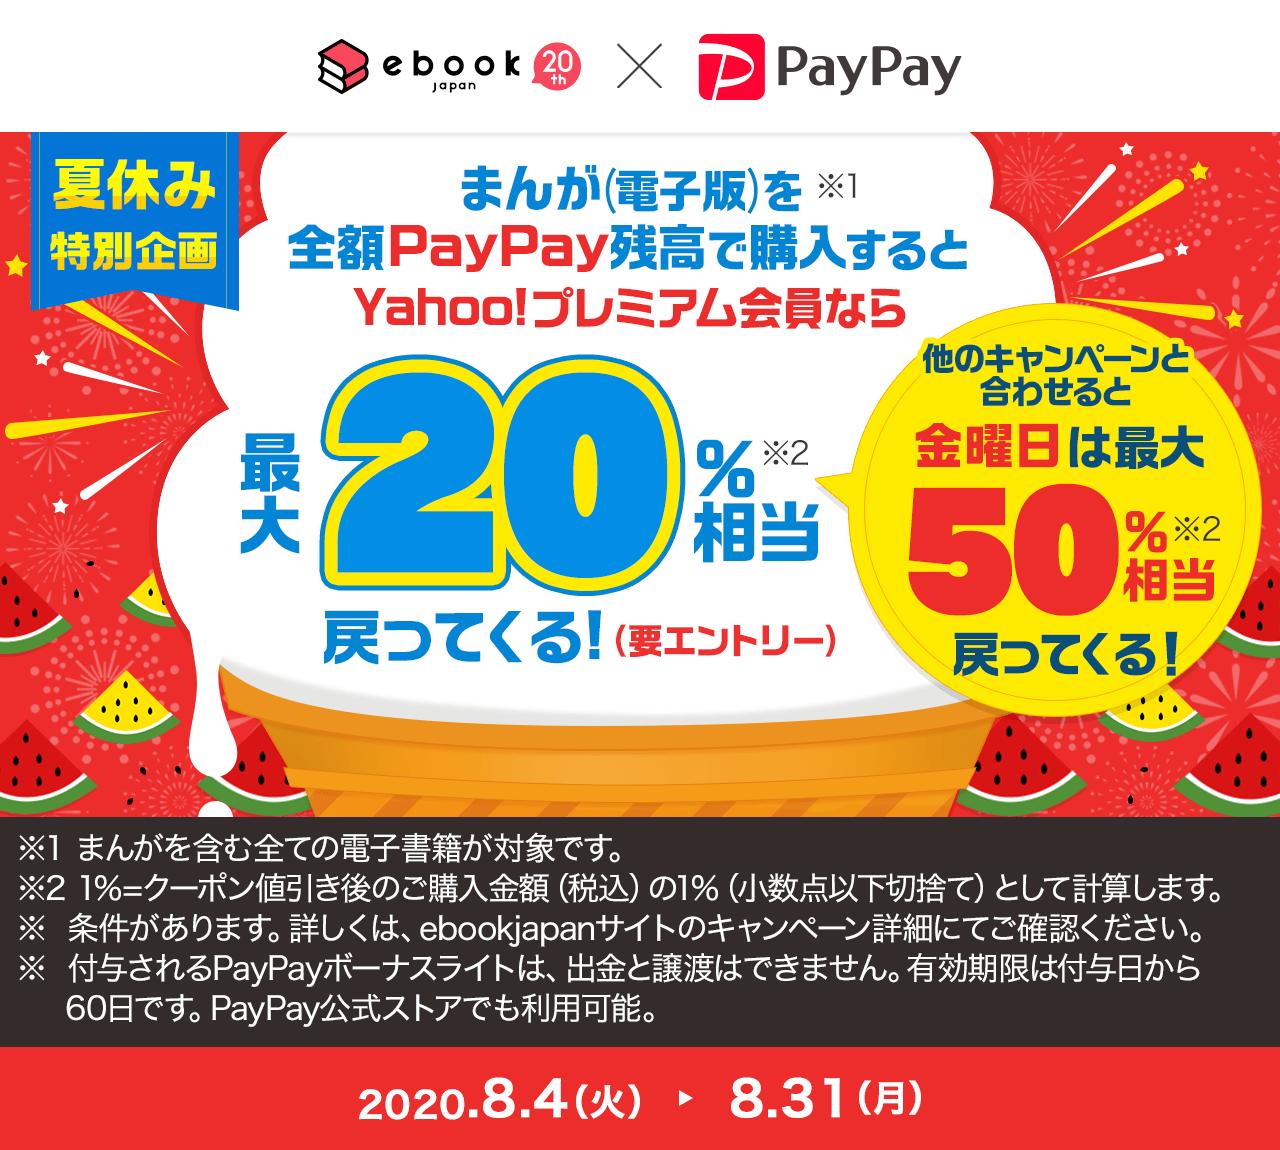 まんが(電子版)を全額PayPay残高で購入するとYahoo!プレミアム会員なら最大20%相当戻ってくる!